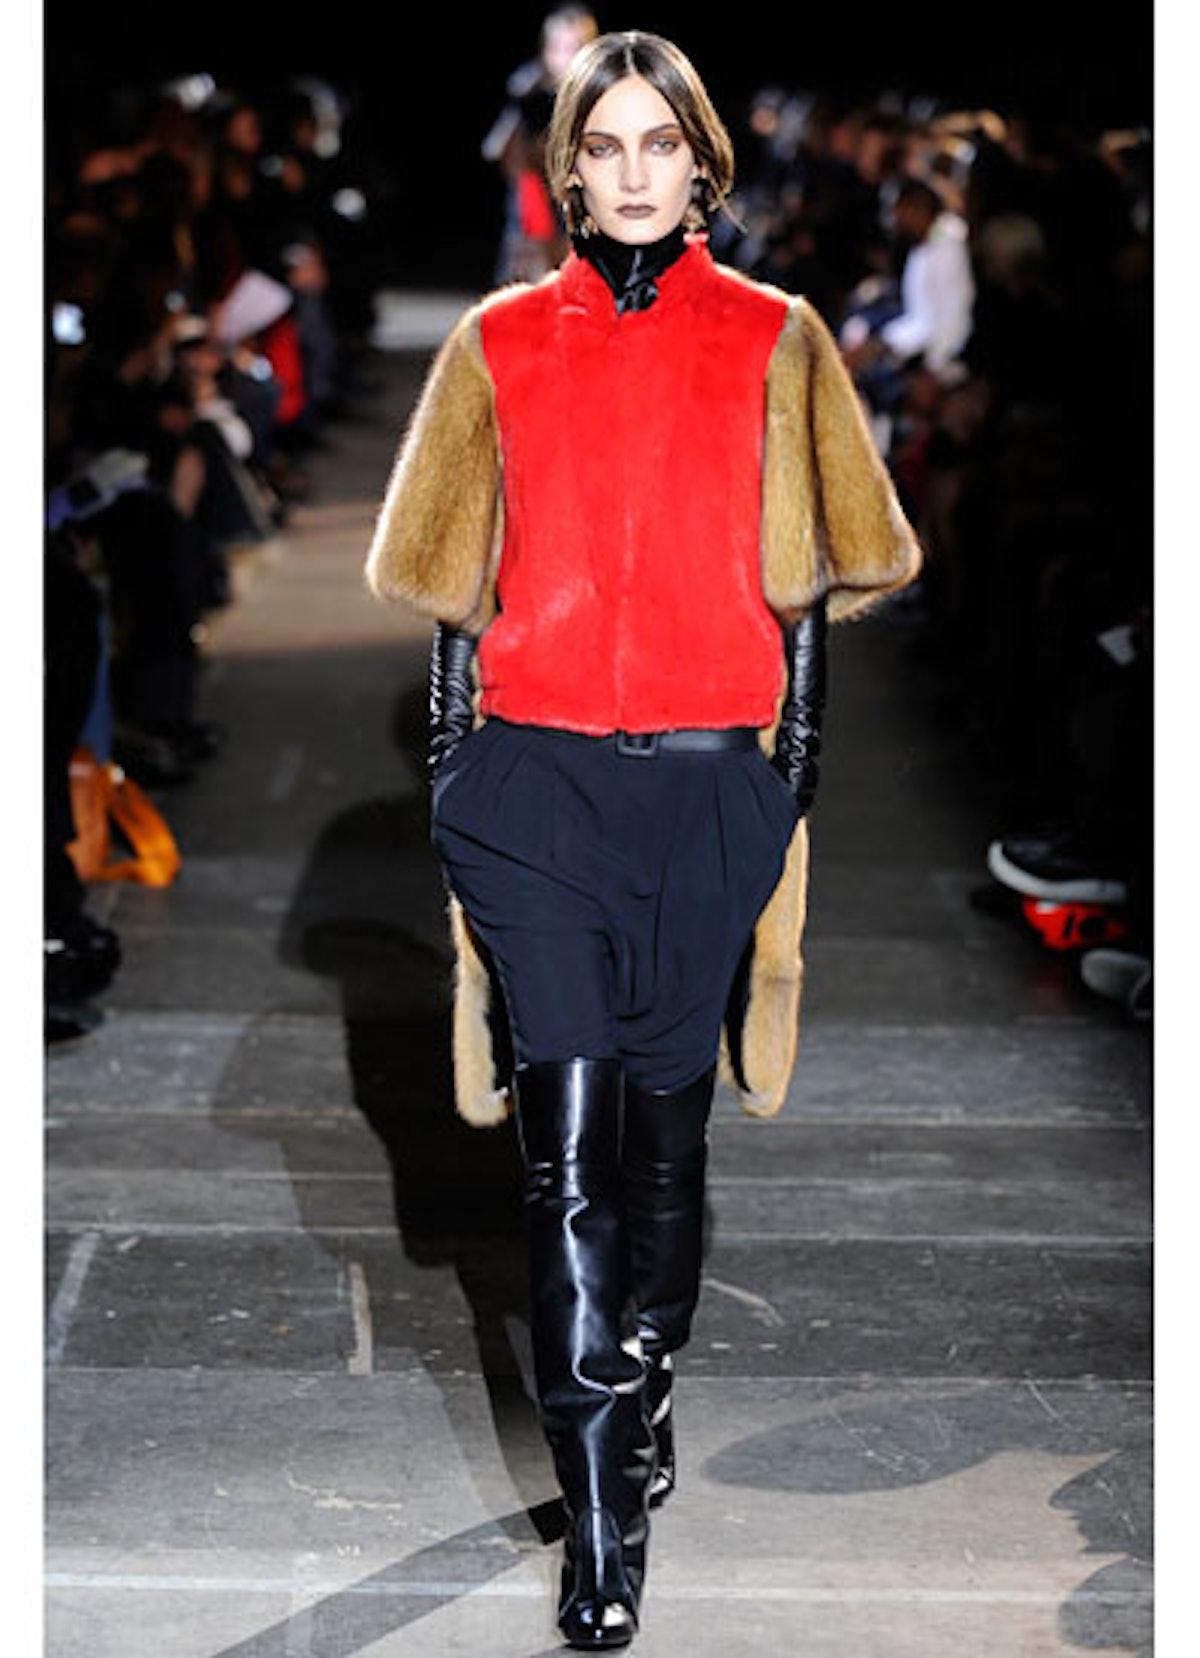 fass-fall-2012-fashion-roundup-32-v.jpg